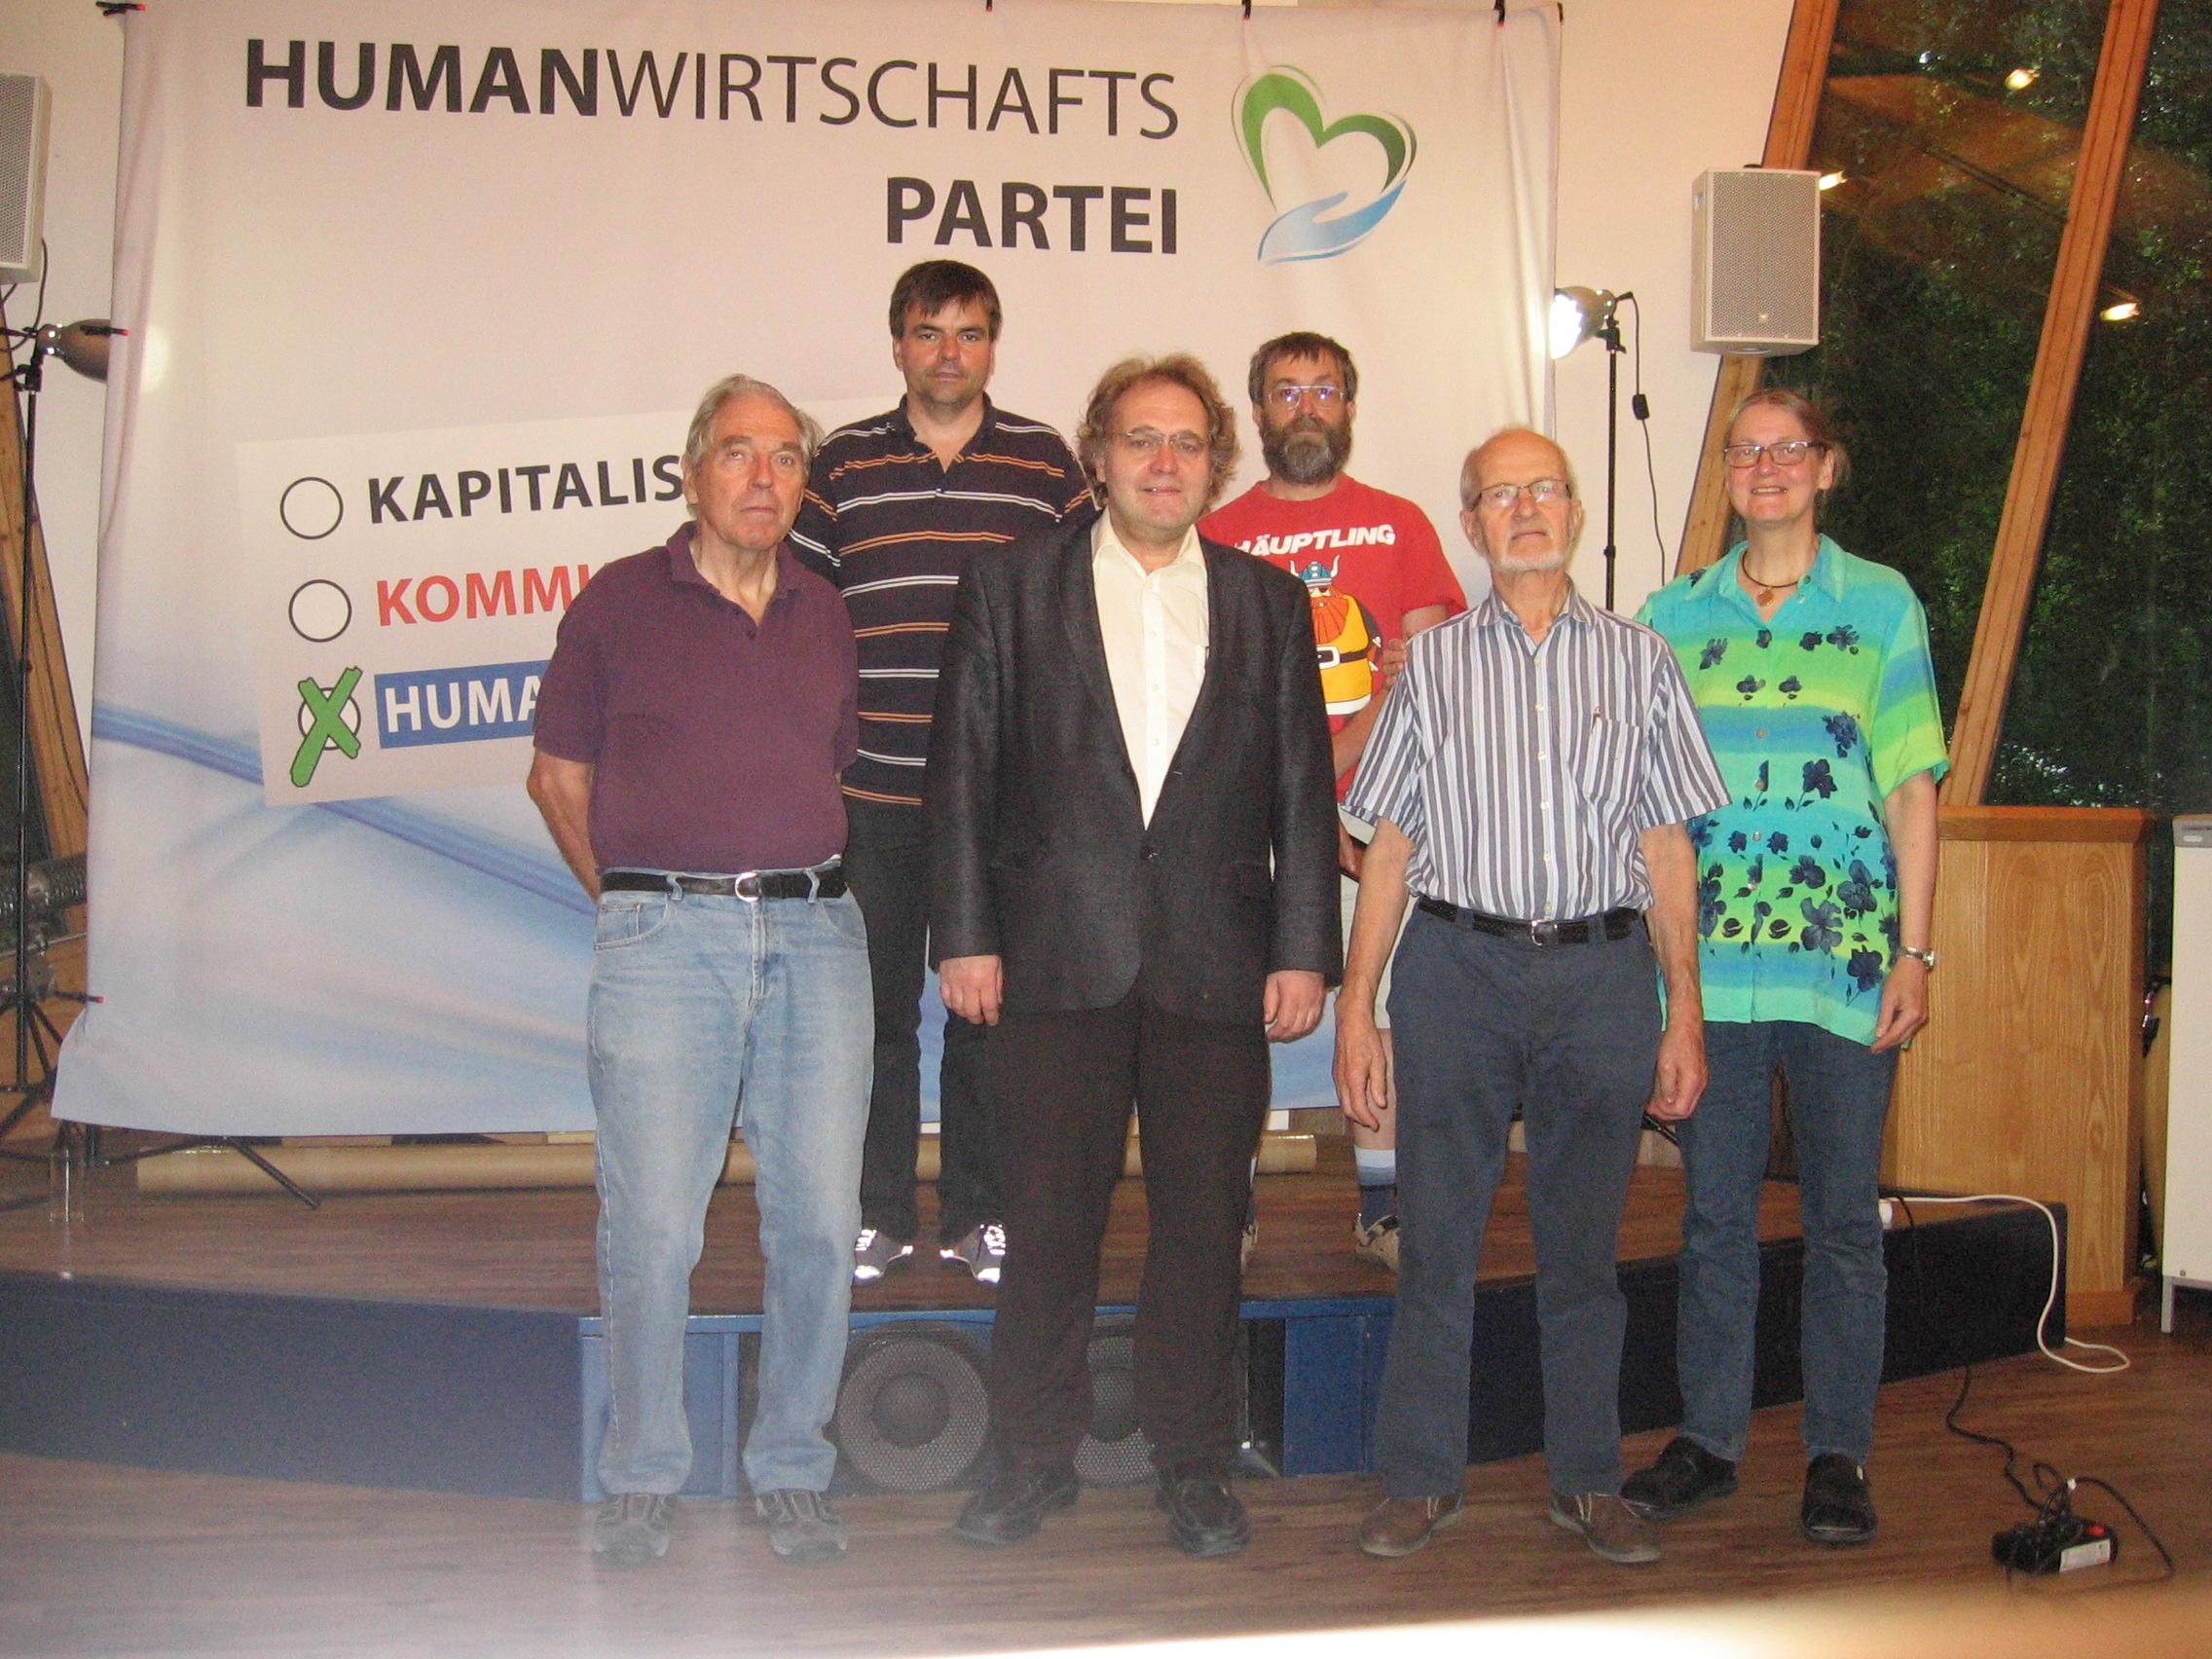 Bundesparteitag 2016 und Gründungsversammlung des Humanwirtschaftspartei e.V.